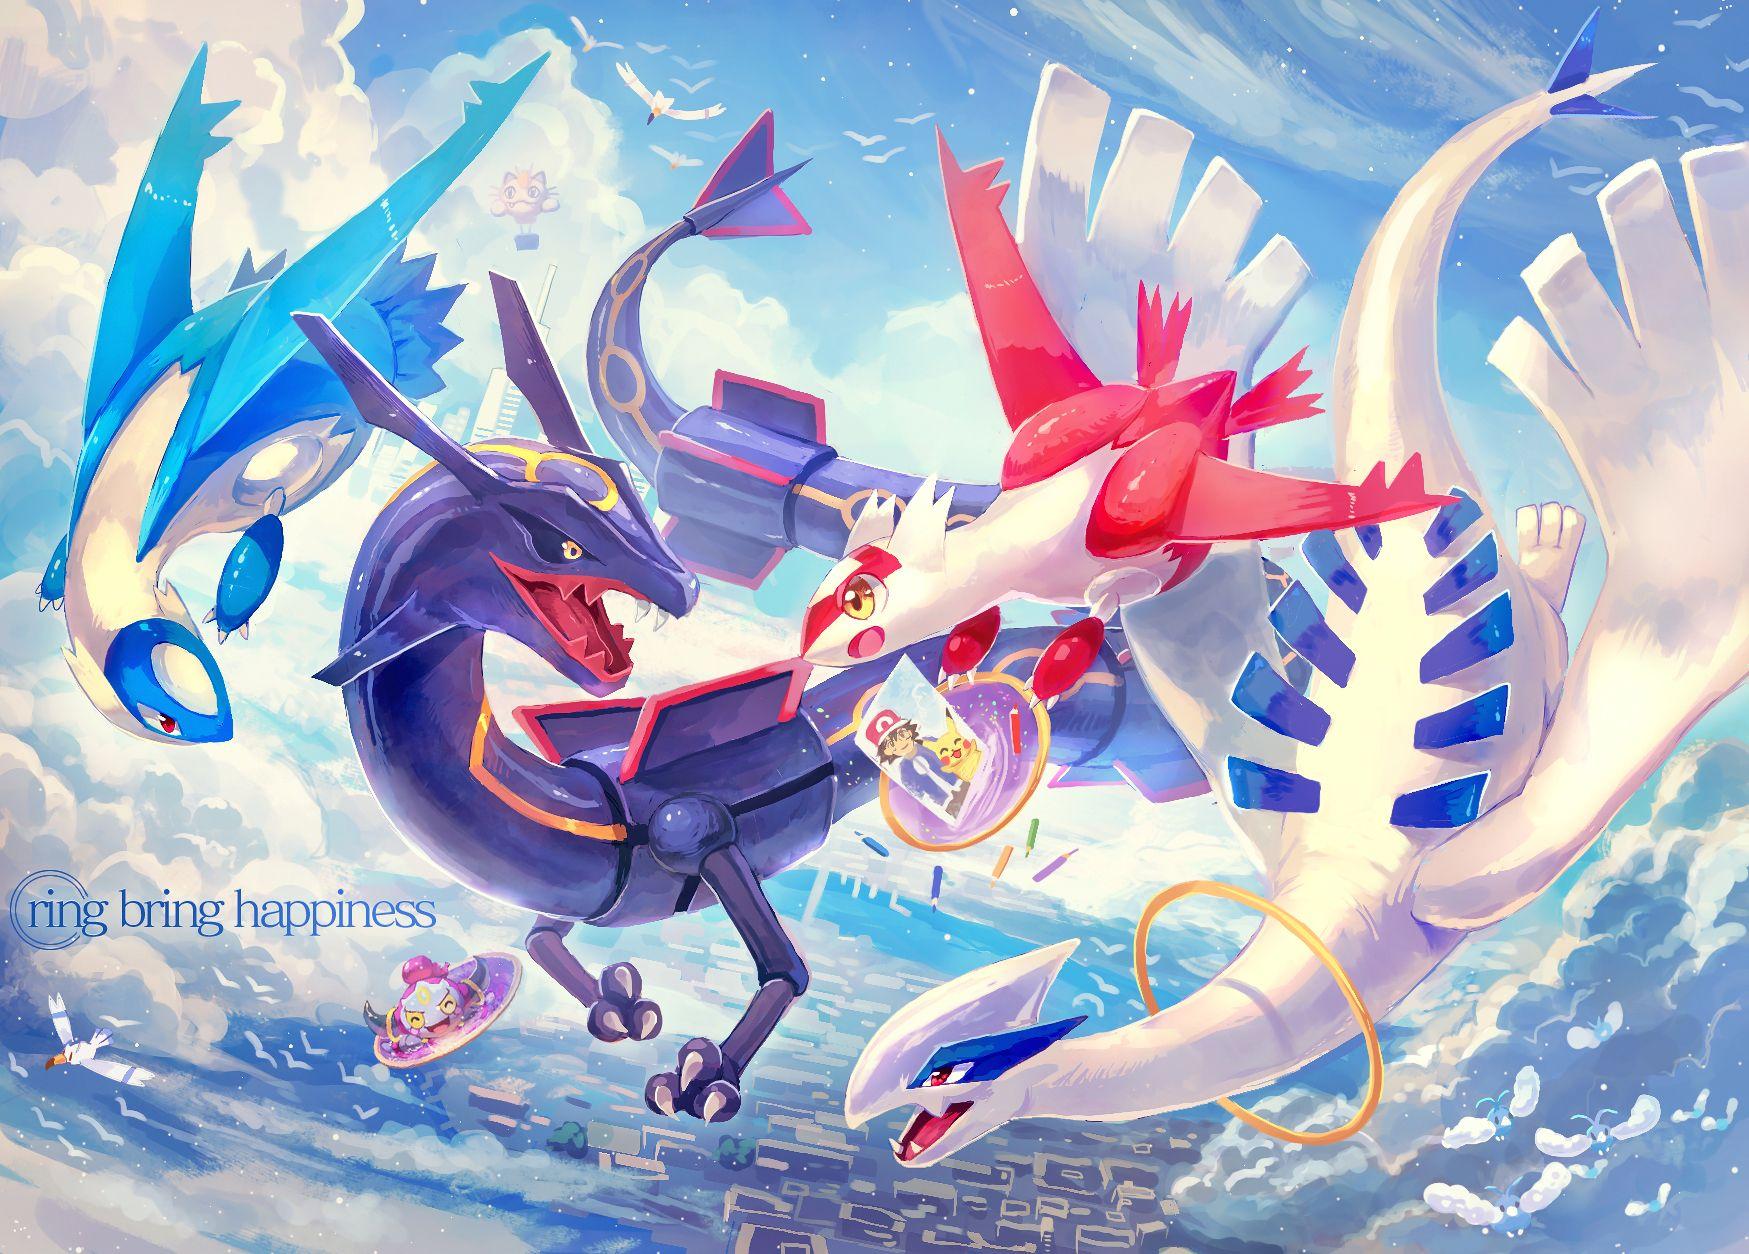 Pokemon, pixiv. Latias, Latios, shiny Rayquaza, Lugia, and ...